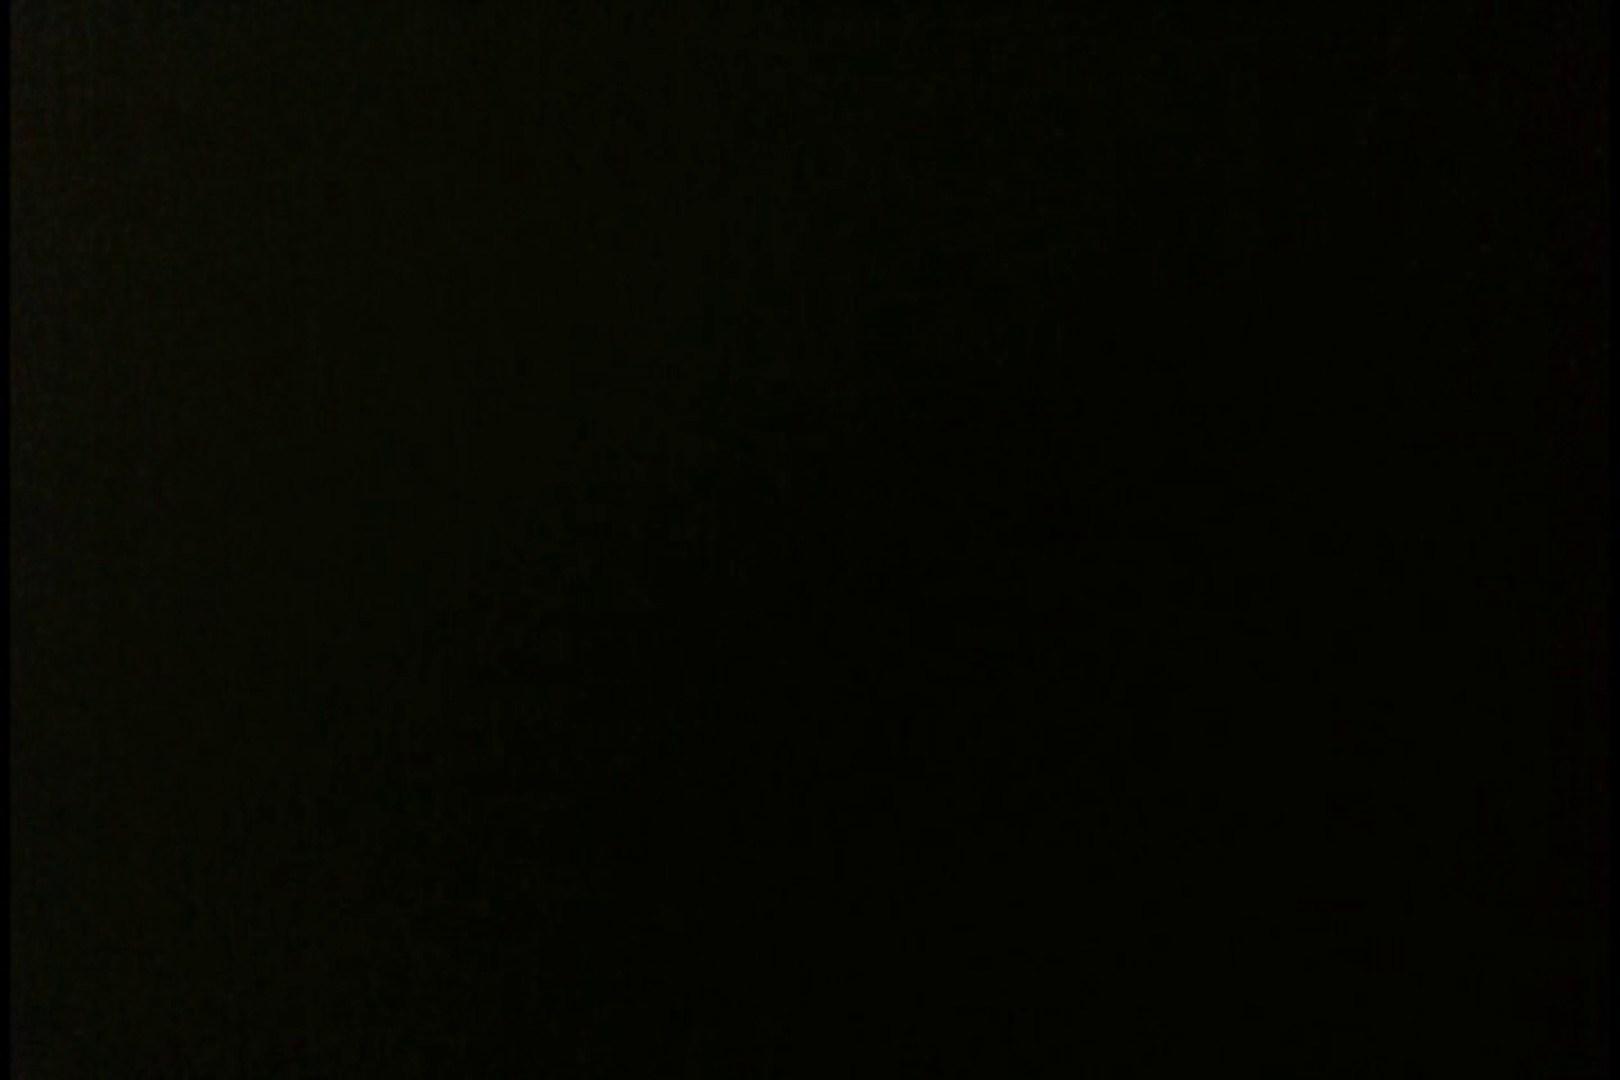 投稿!山下さんの闘病日記 激カワナースパンチラ vol.04 ナースのエロ動画 おまんこ無修正動画無料 83PIX 83